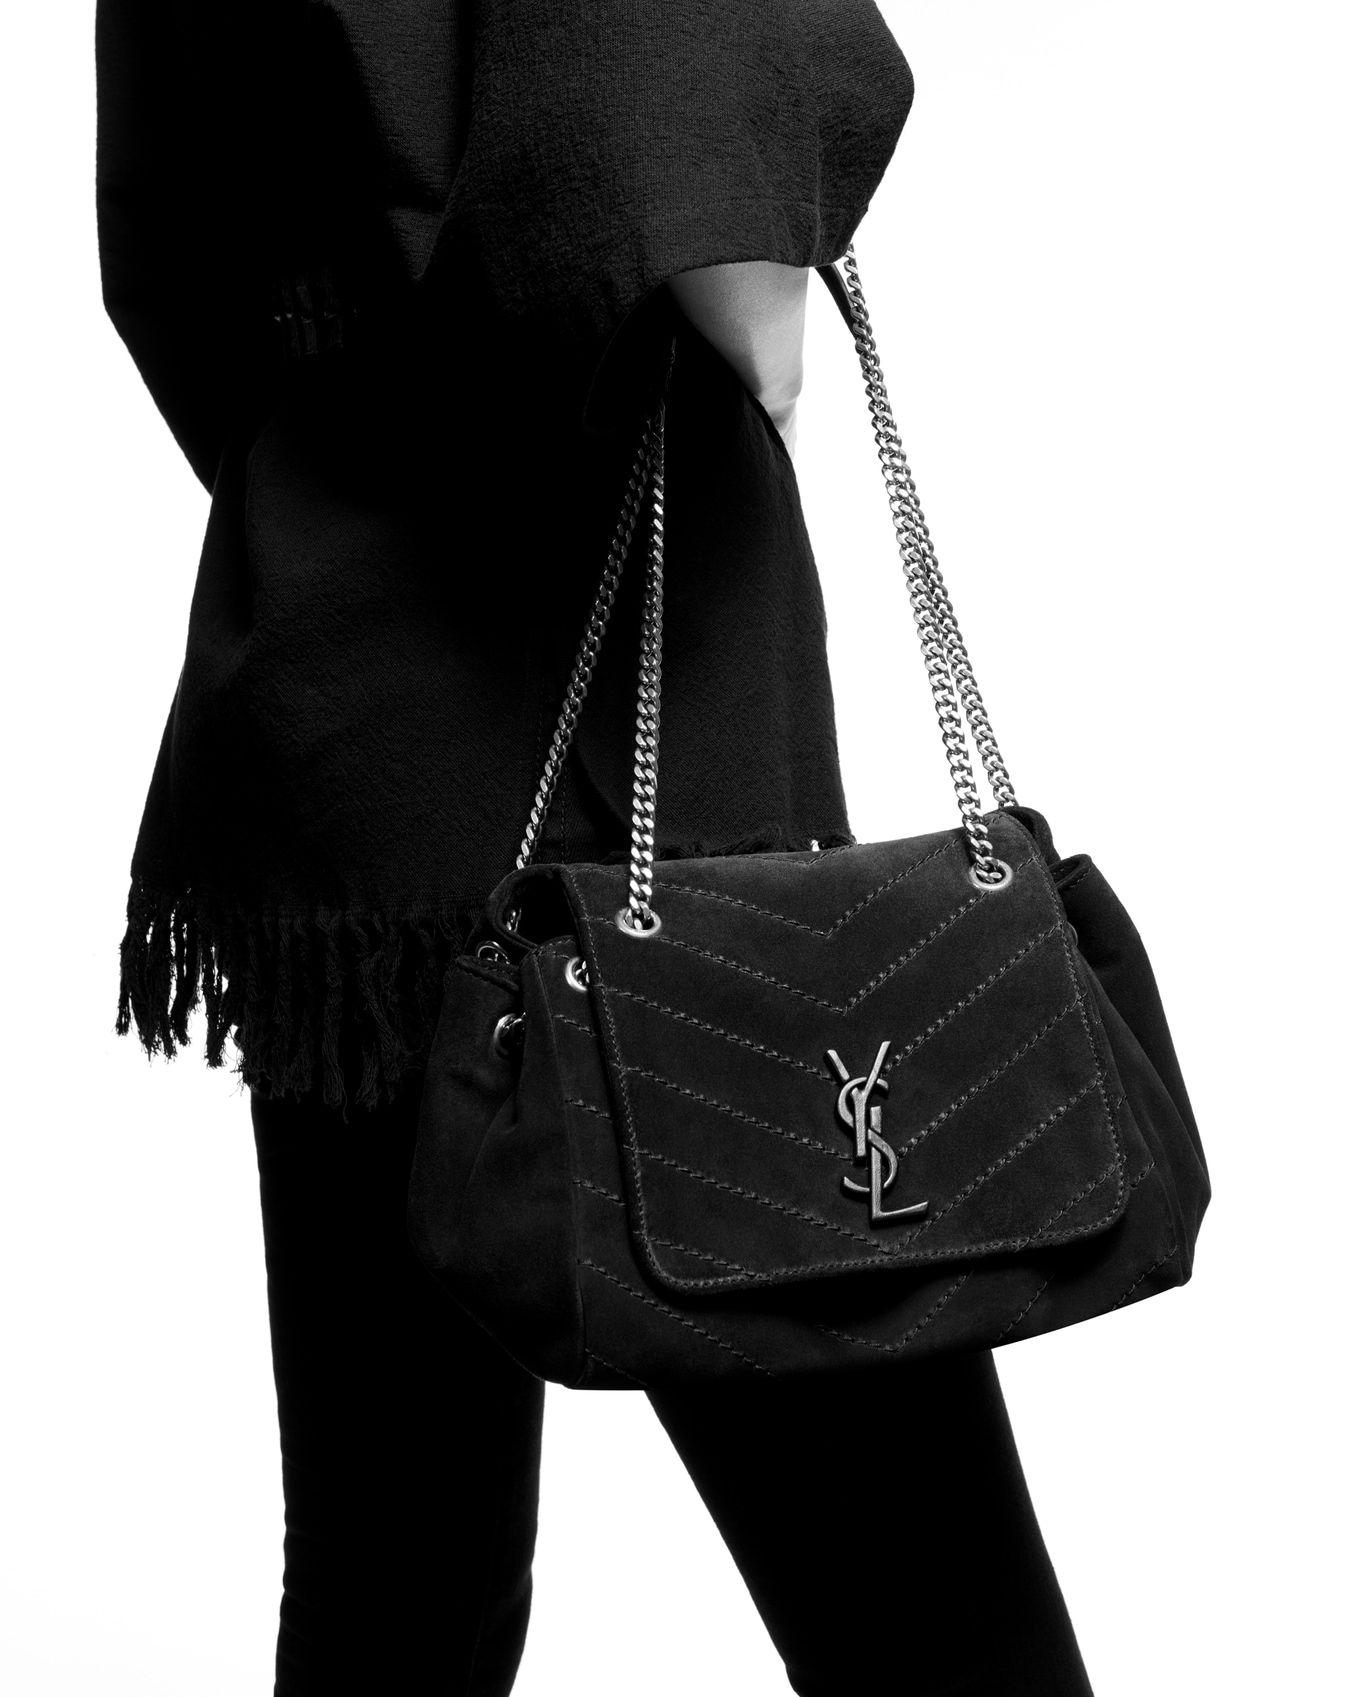 9b840e3f2c7d Saint Laurent Small NOLITA Bag In Vintage Leather